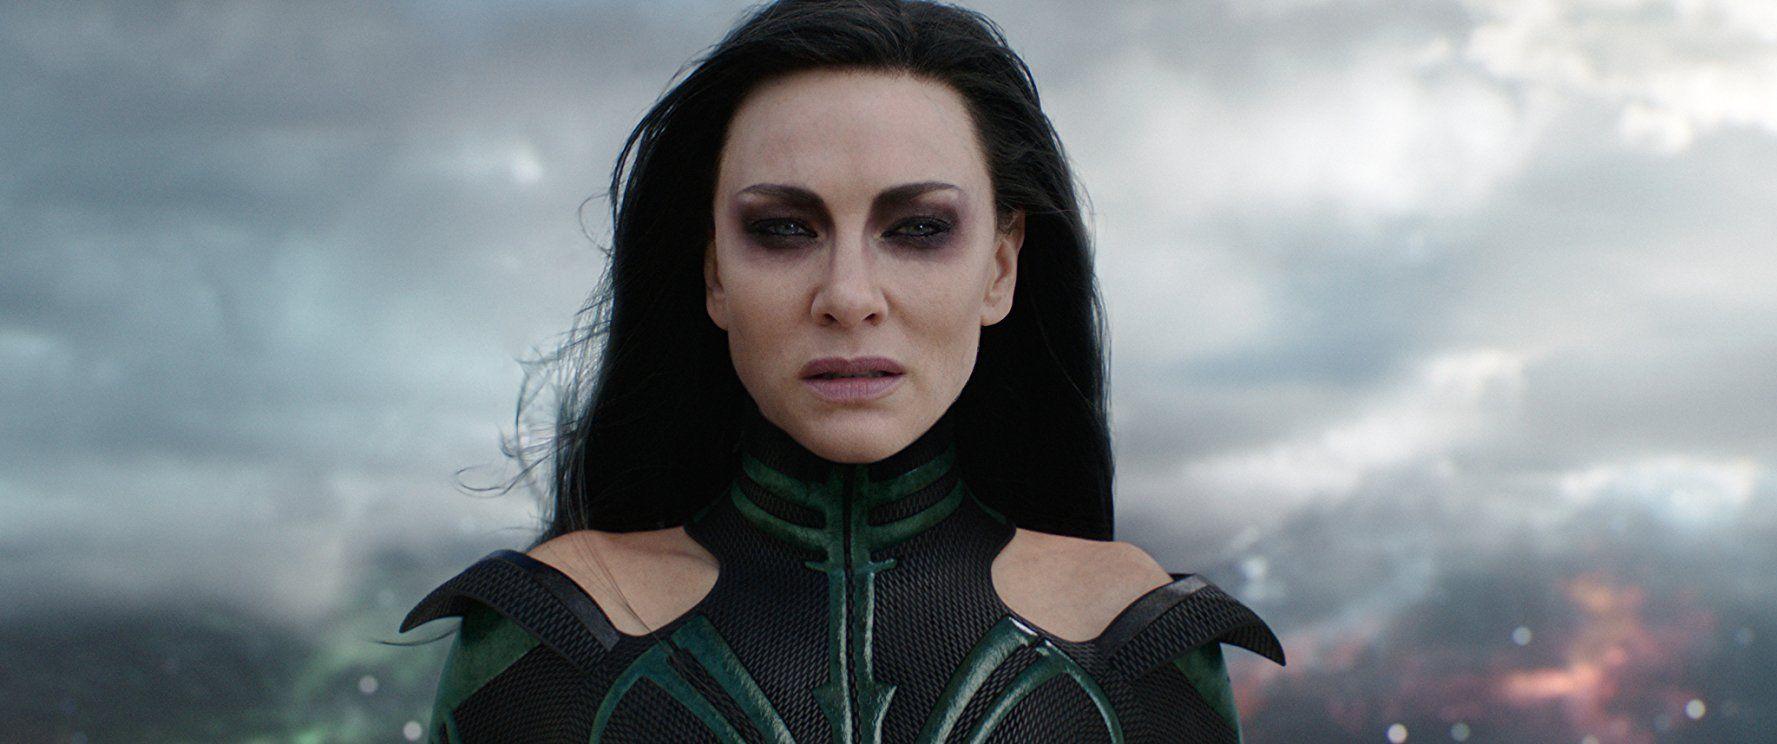 Cate Blanchett - Thor